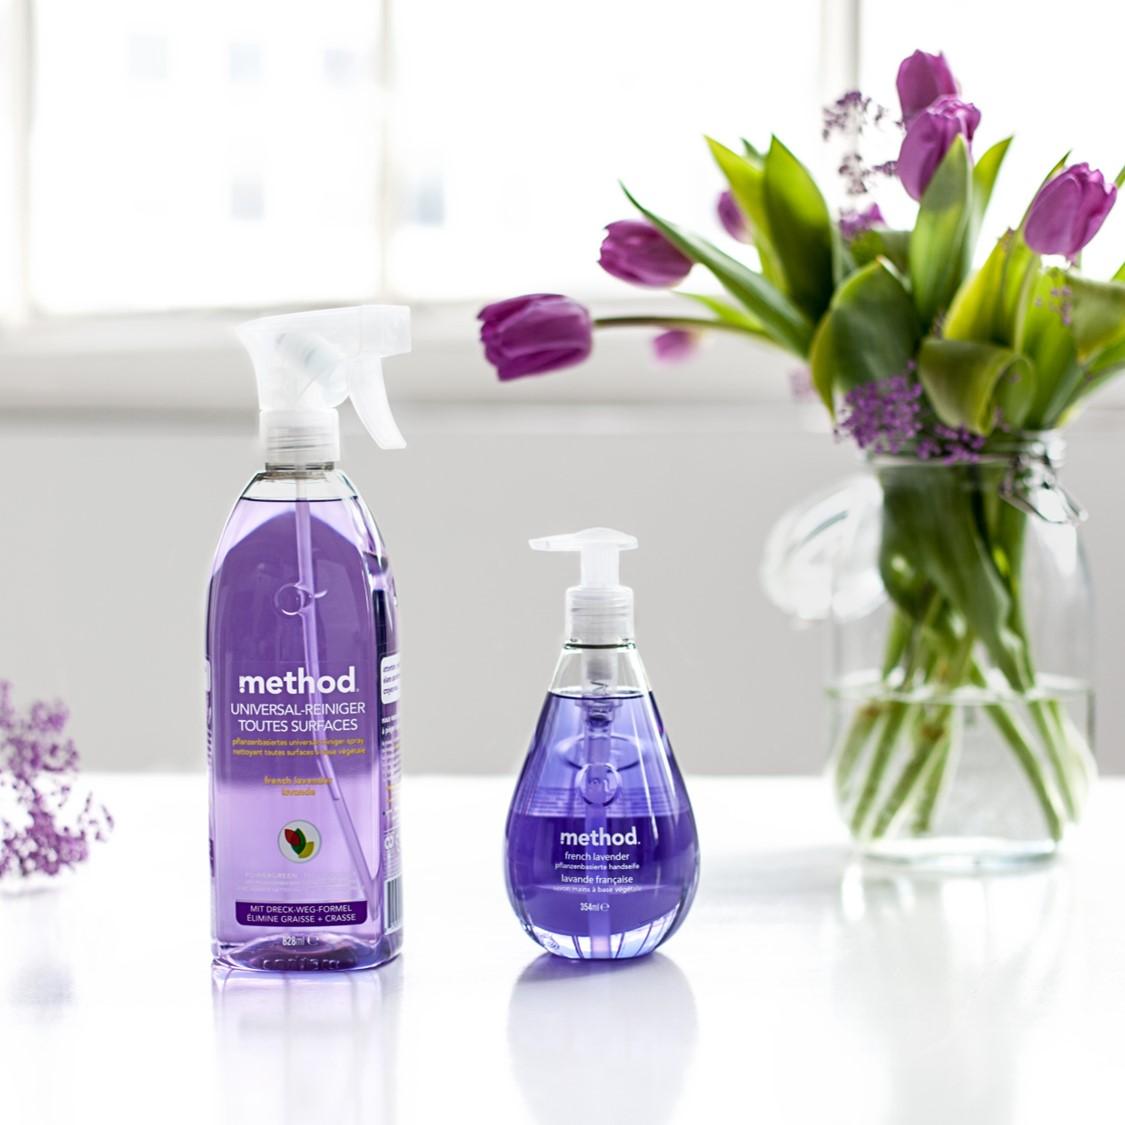 Method Yleispuhdistussuihke ja nestesaippua French Lavender